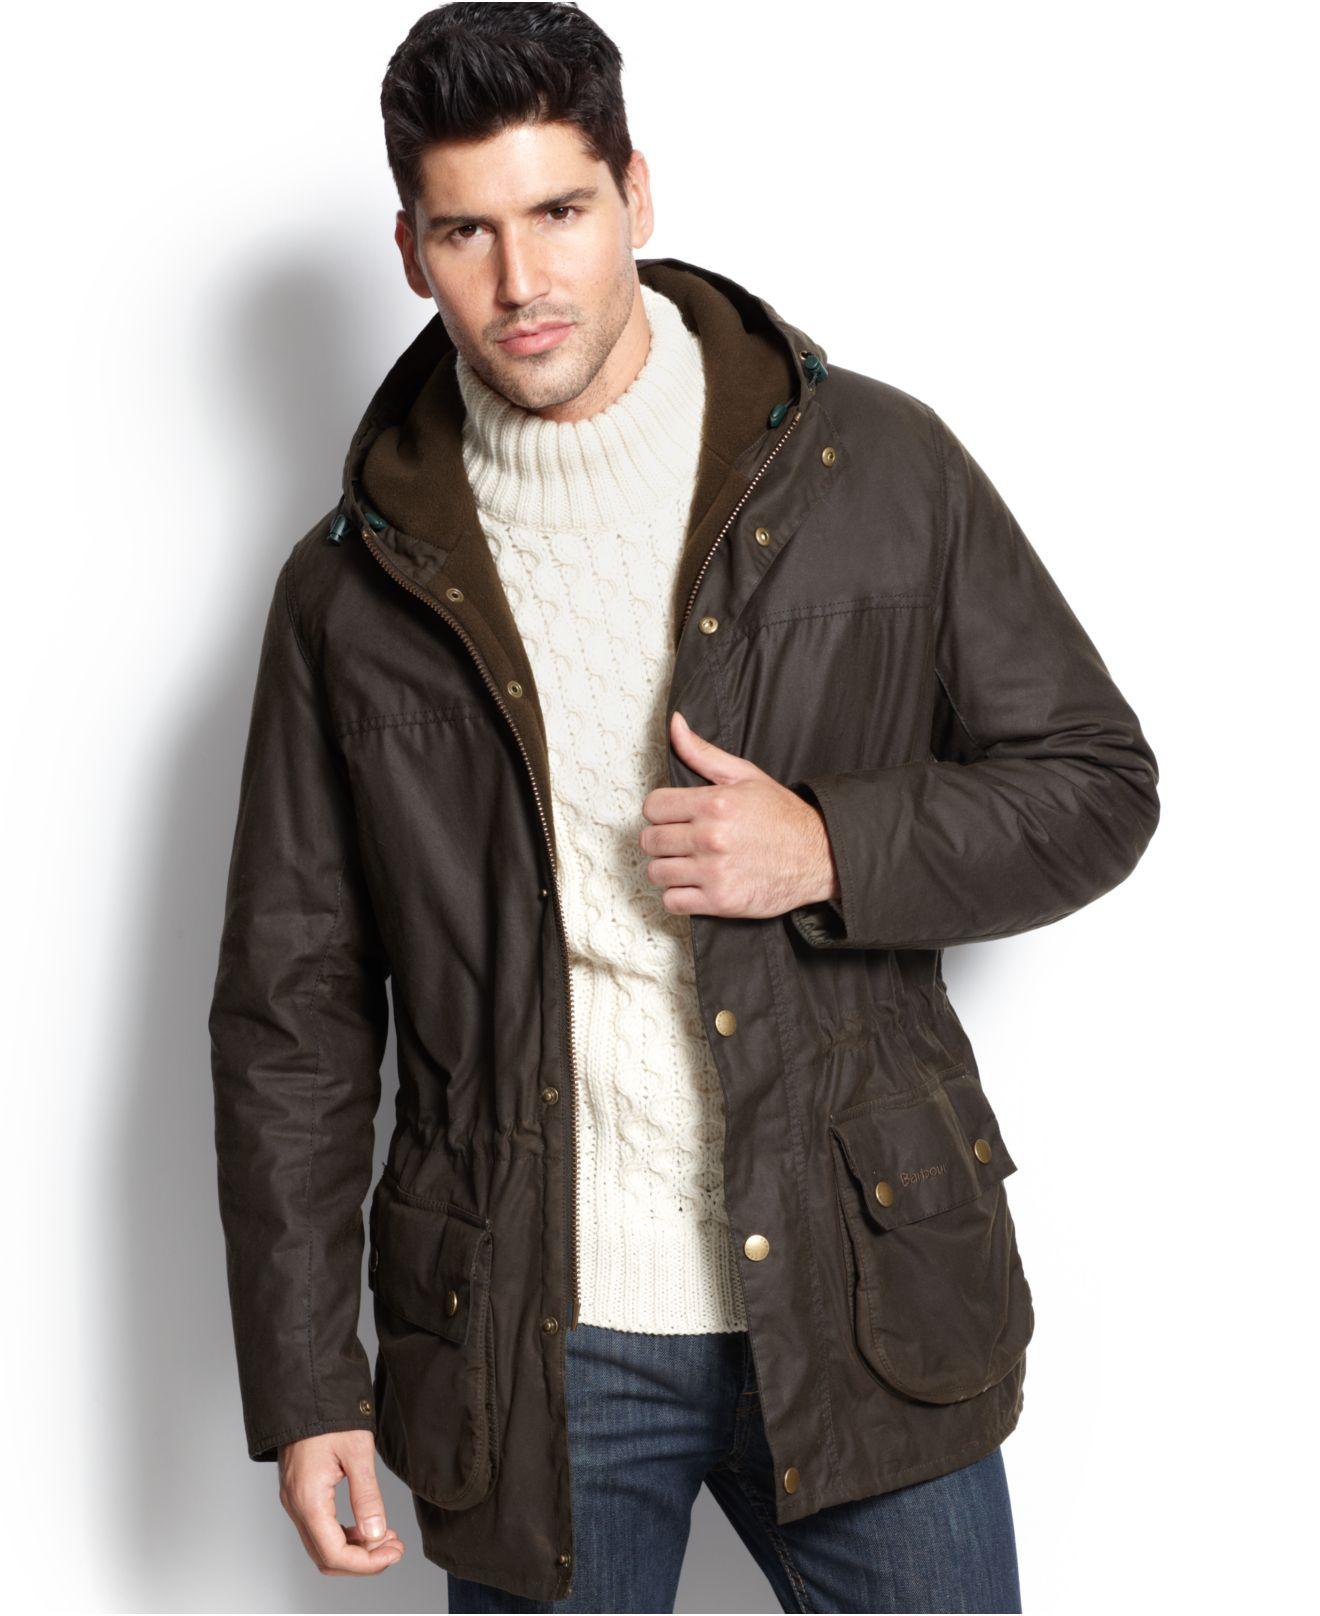 barbour winter durham jacket in green for men lyst #1: barbour green winter durham jacket product 1 0 normal